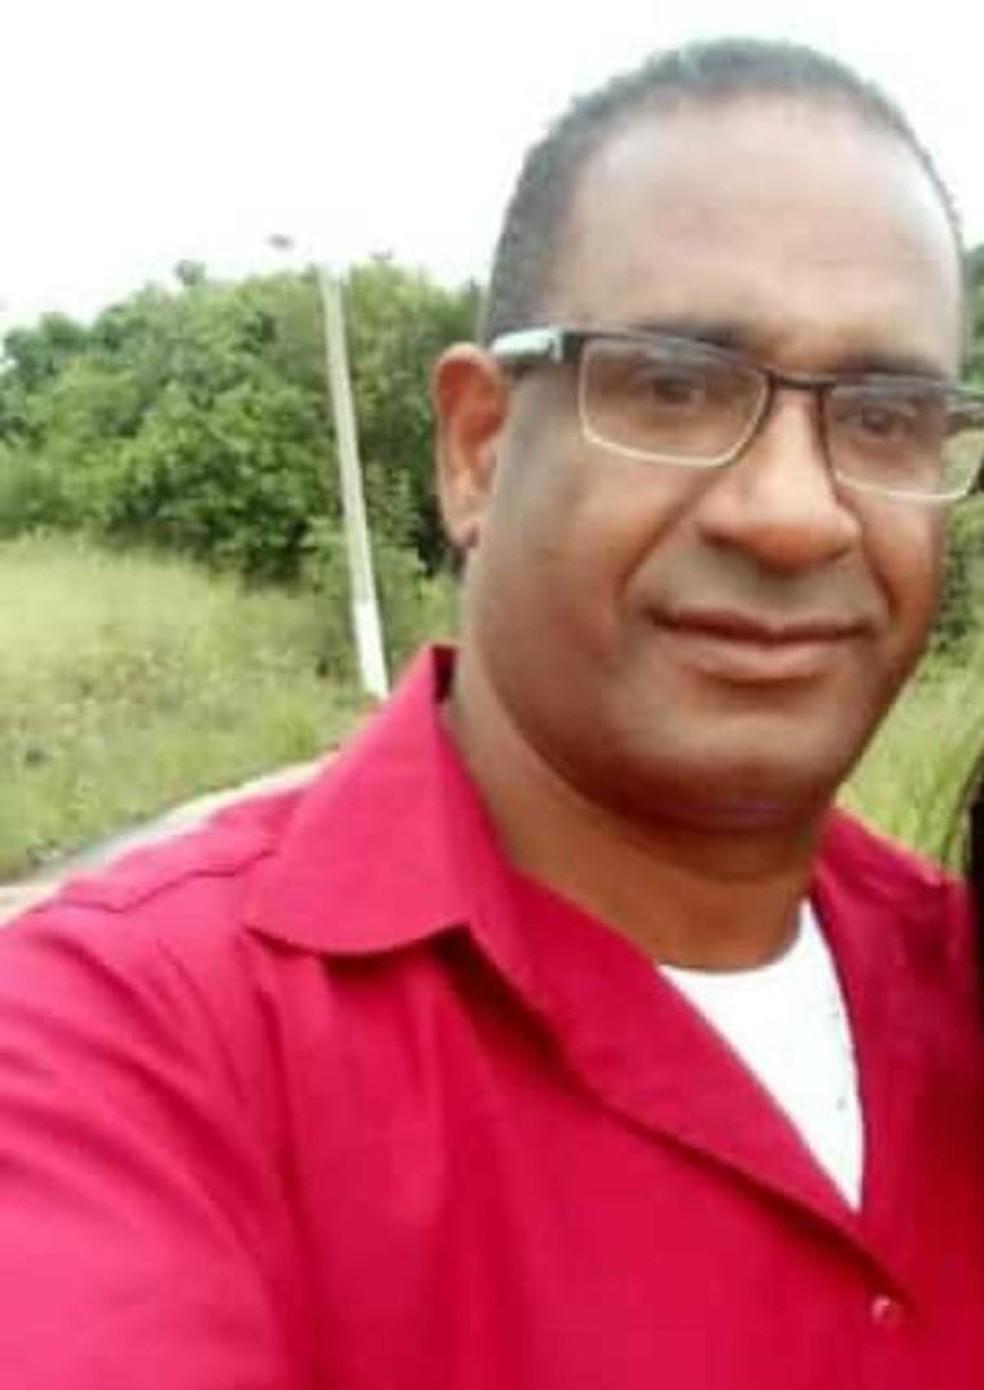 Pescador está desaparecido no rio Araguaia, em Couto Magalhães — Foto: Divulgação